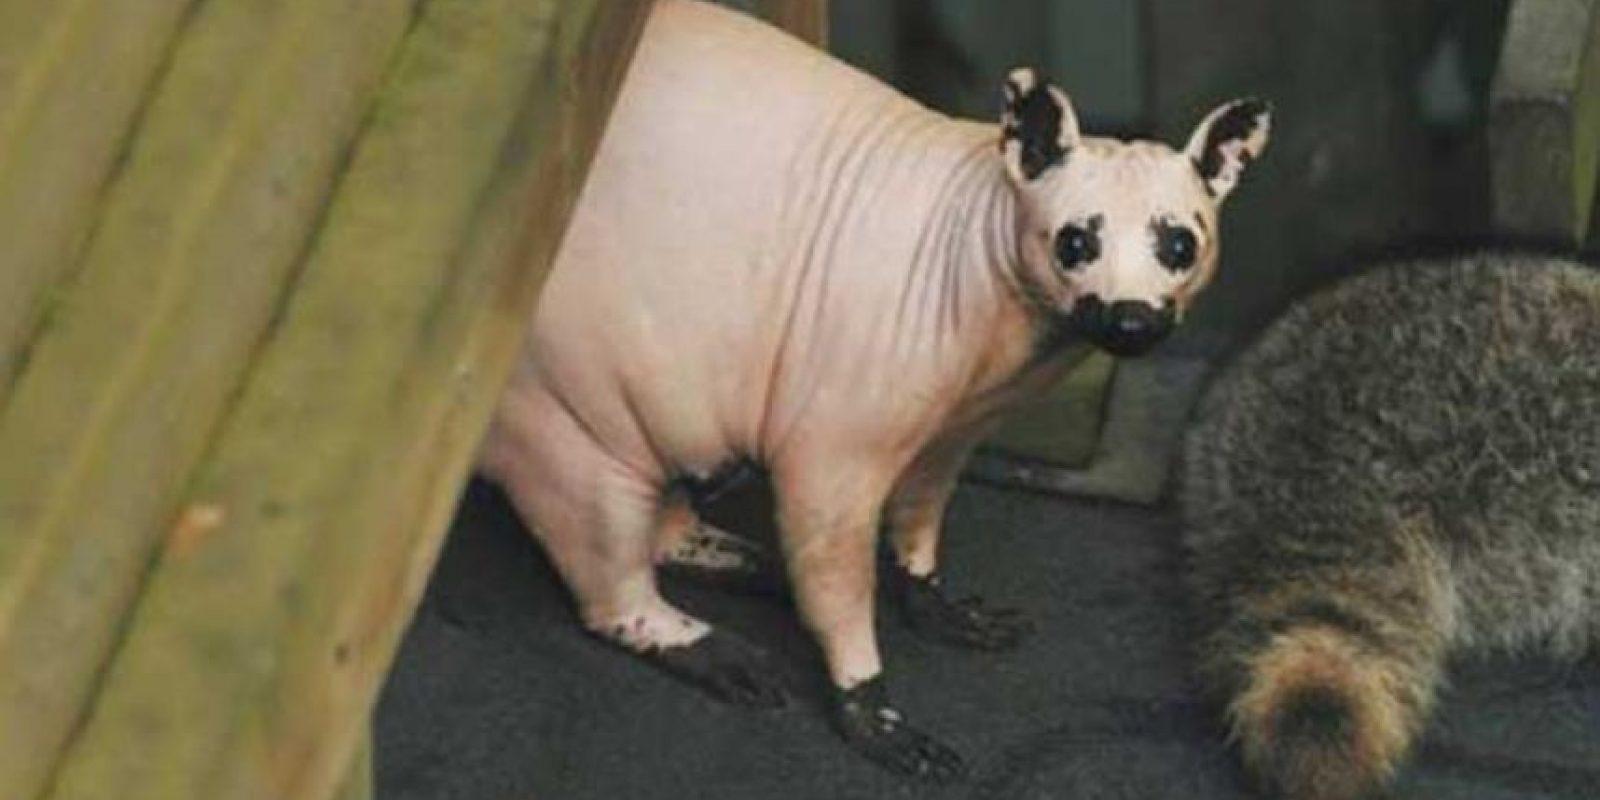 Mapache: Este pobre mapache perdió todo su pelaje a consecuencia de una infección parasitaria.Se trata de un fenómeno bastante común en la vida silvestre.